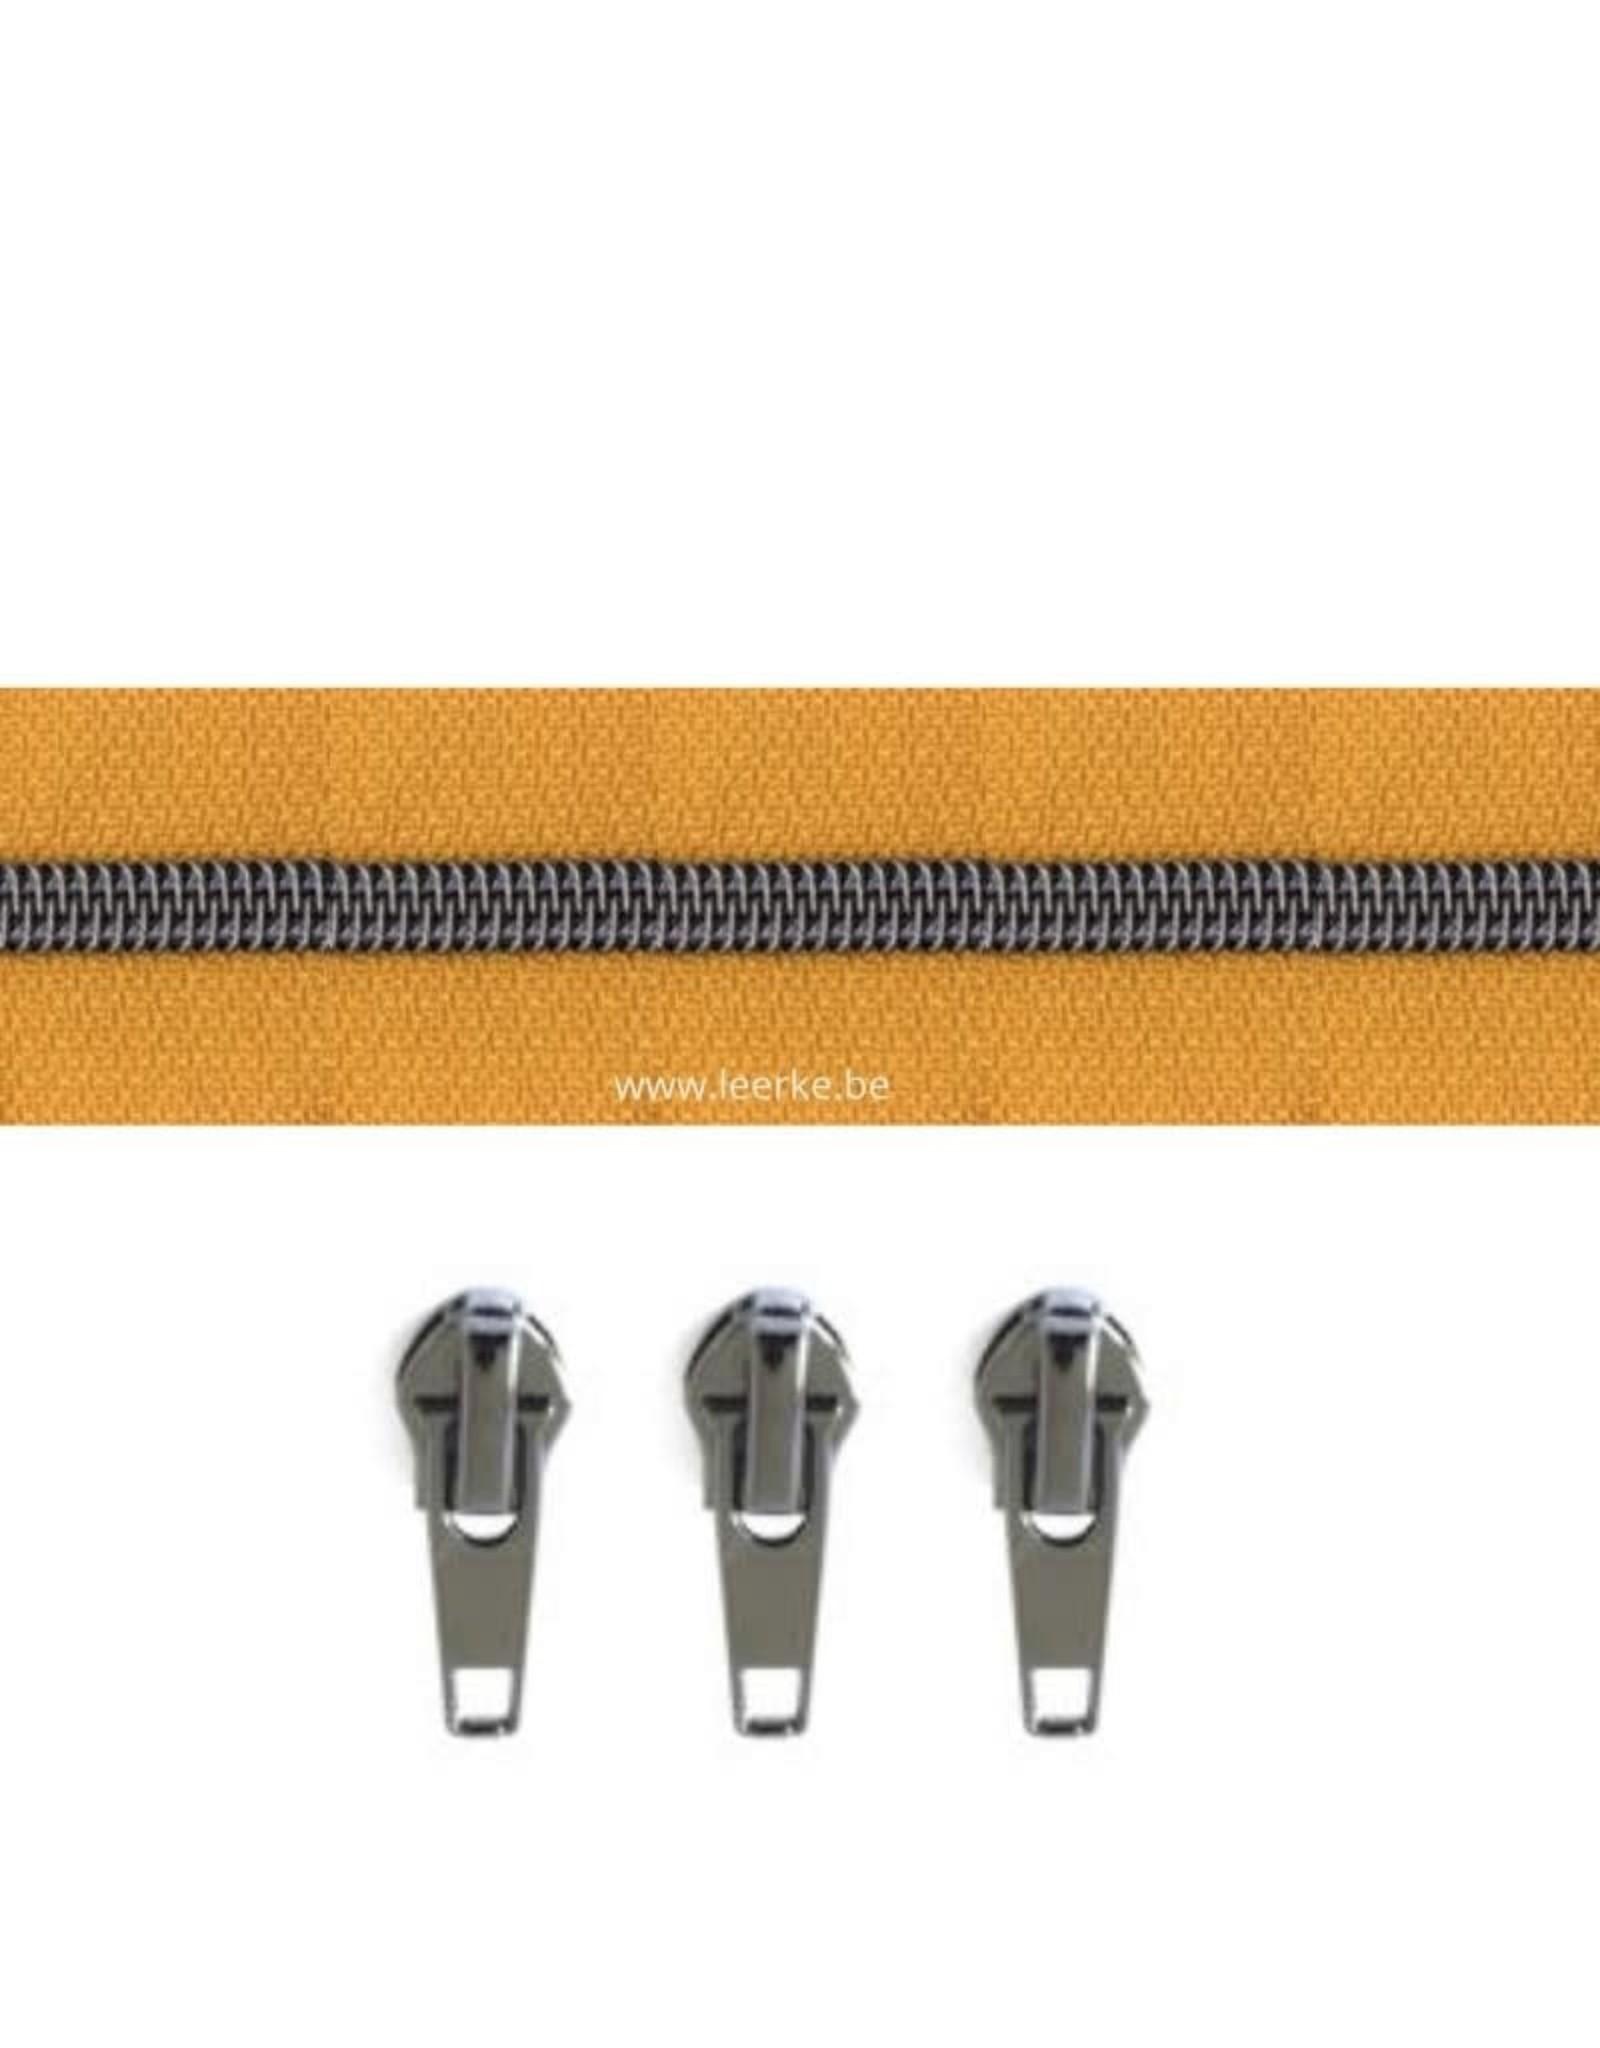 Rits per meter (incl. 3 trekkers) - Gunmetal - Eigeel- Size 6,5